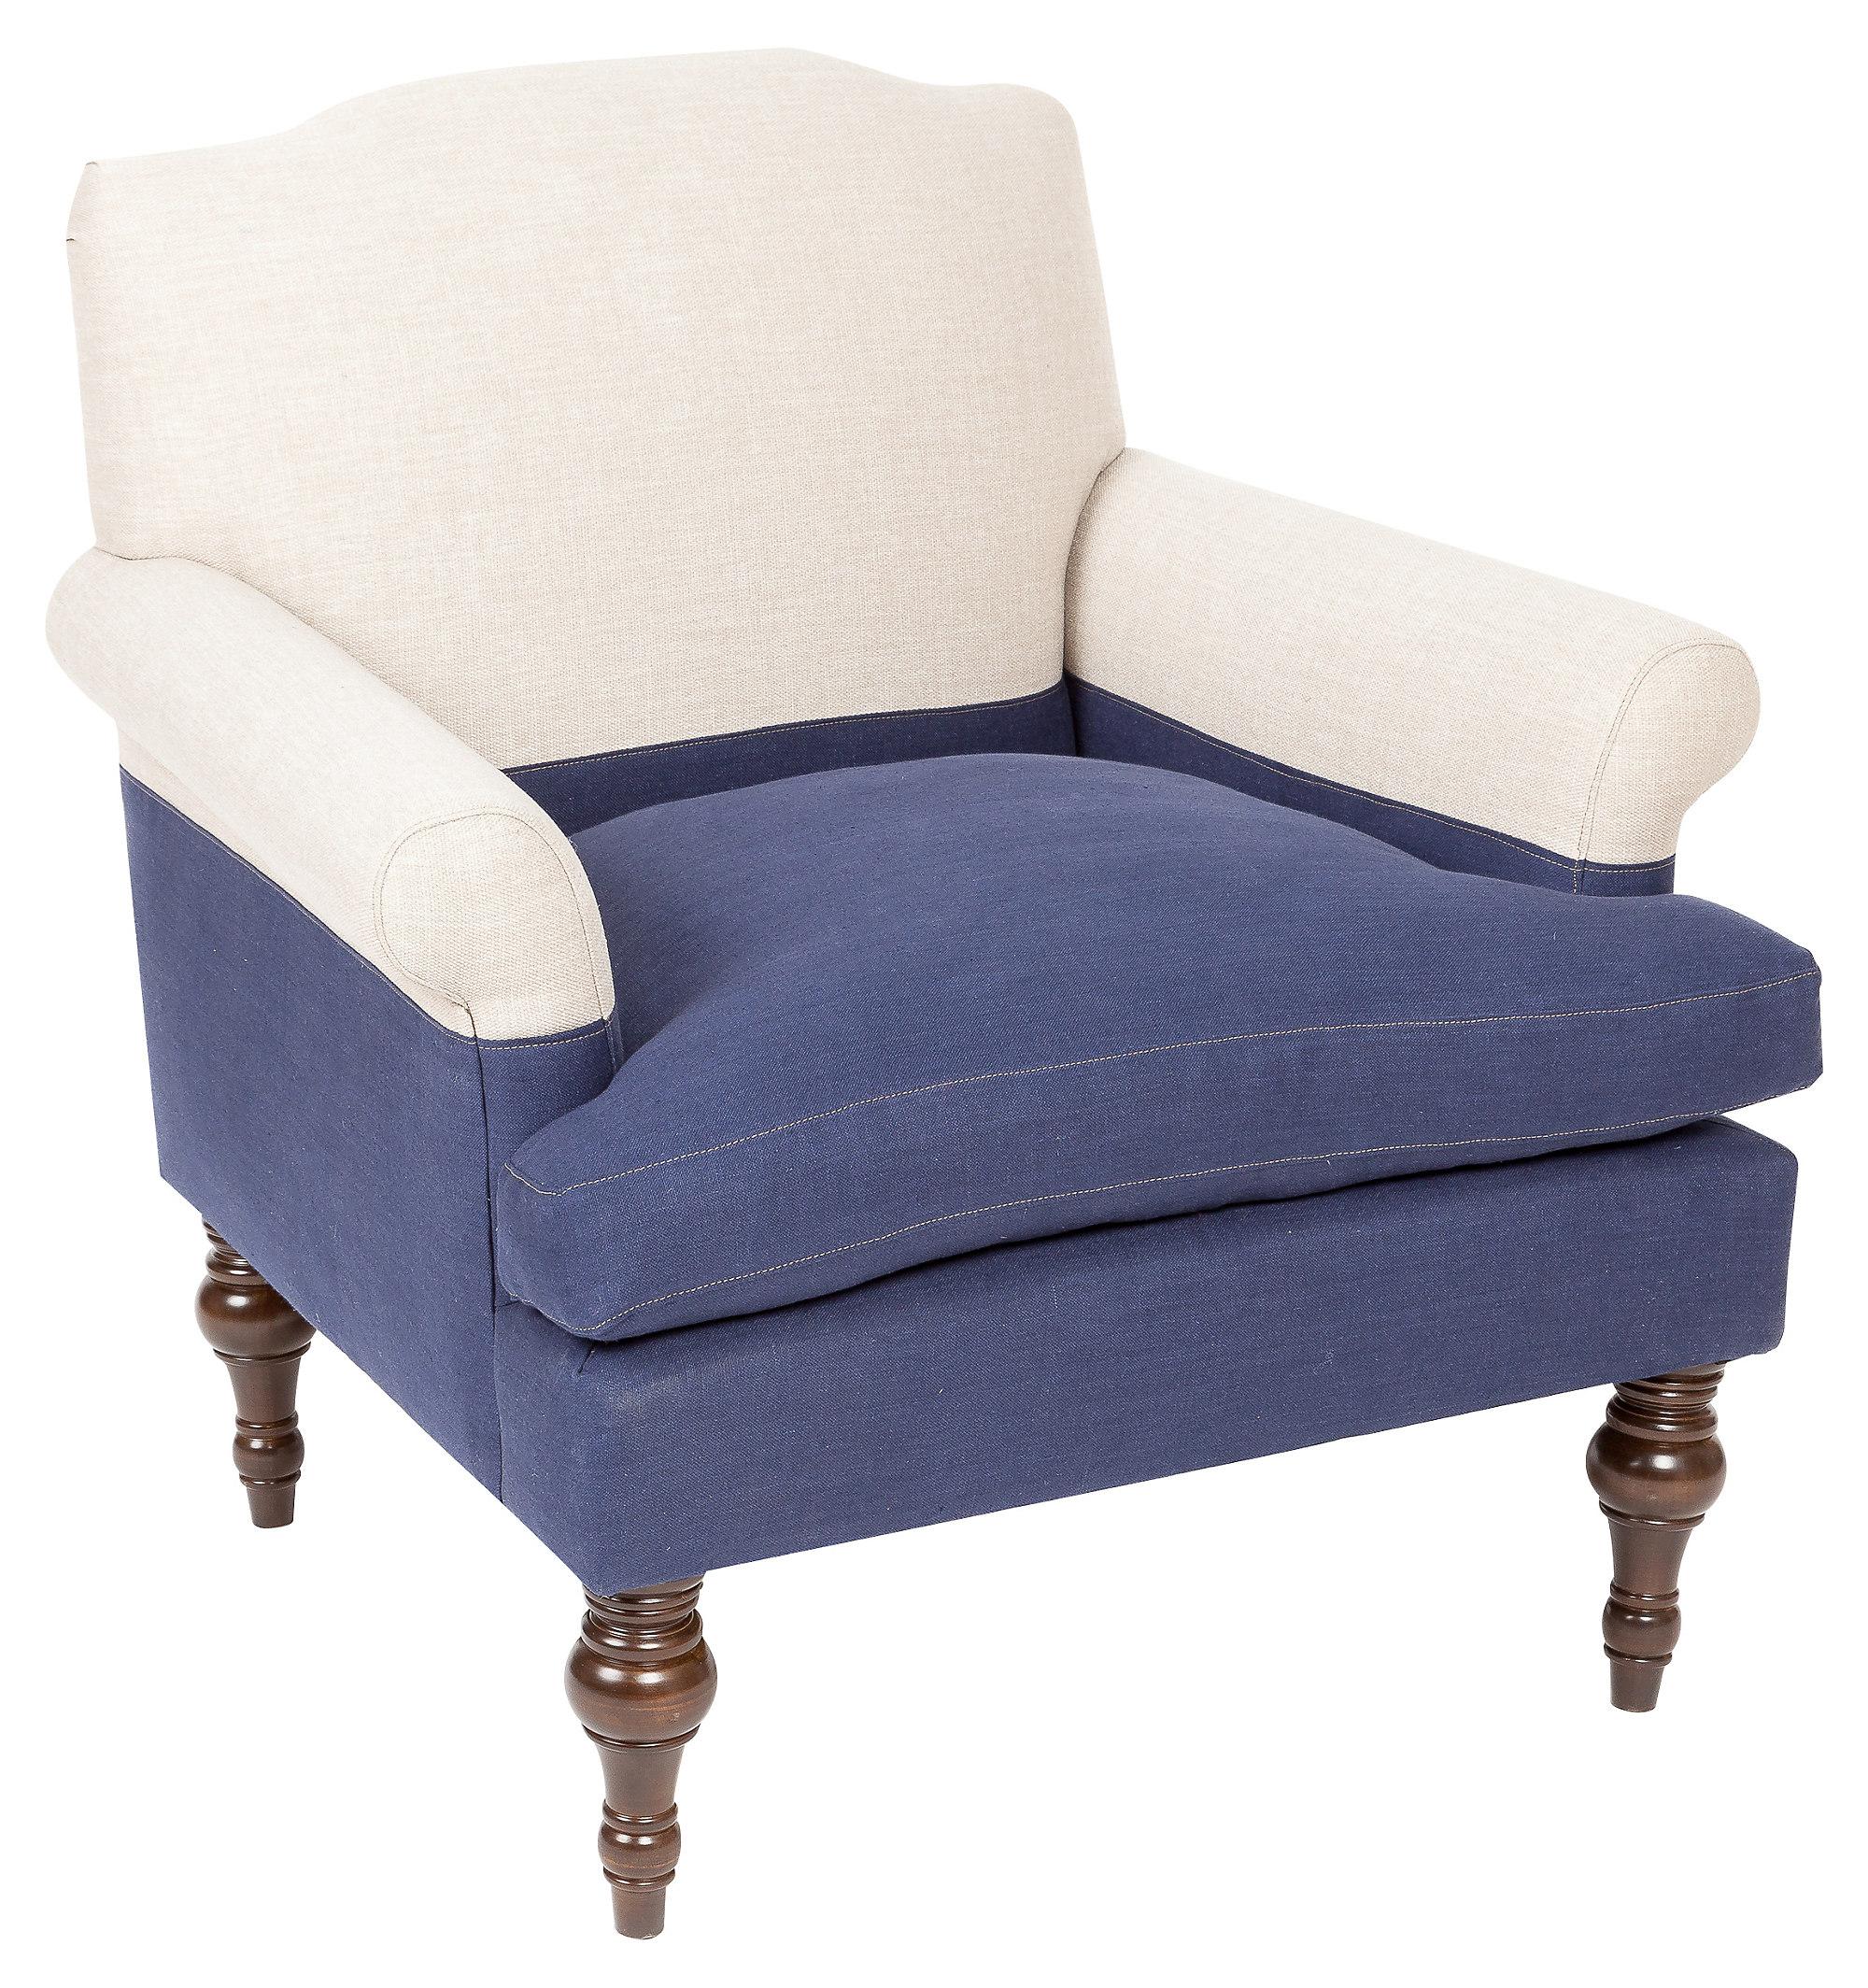 kim-salmela-eastwood-club-chair